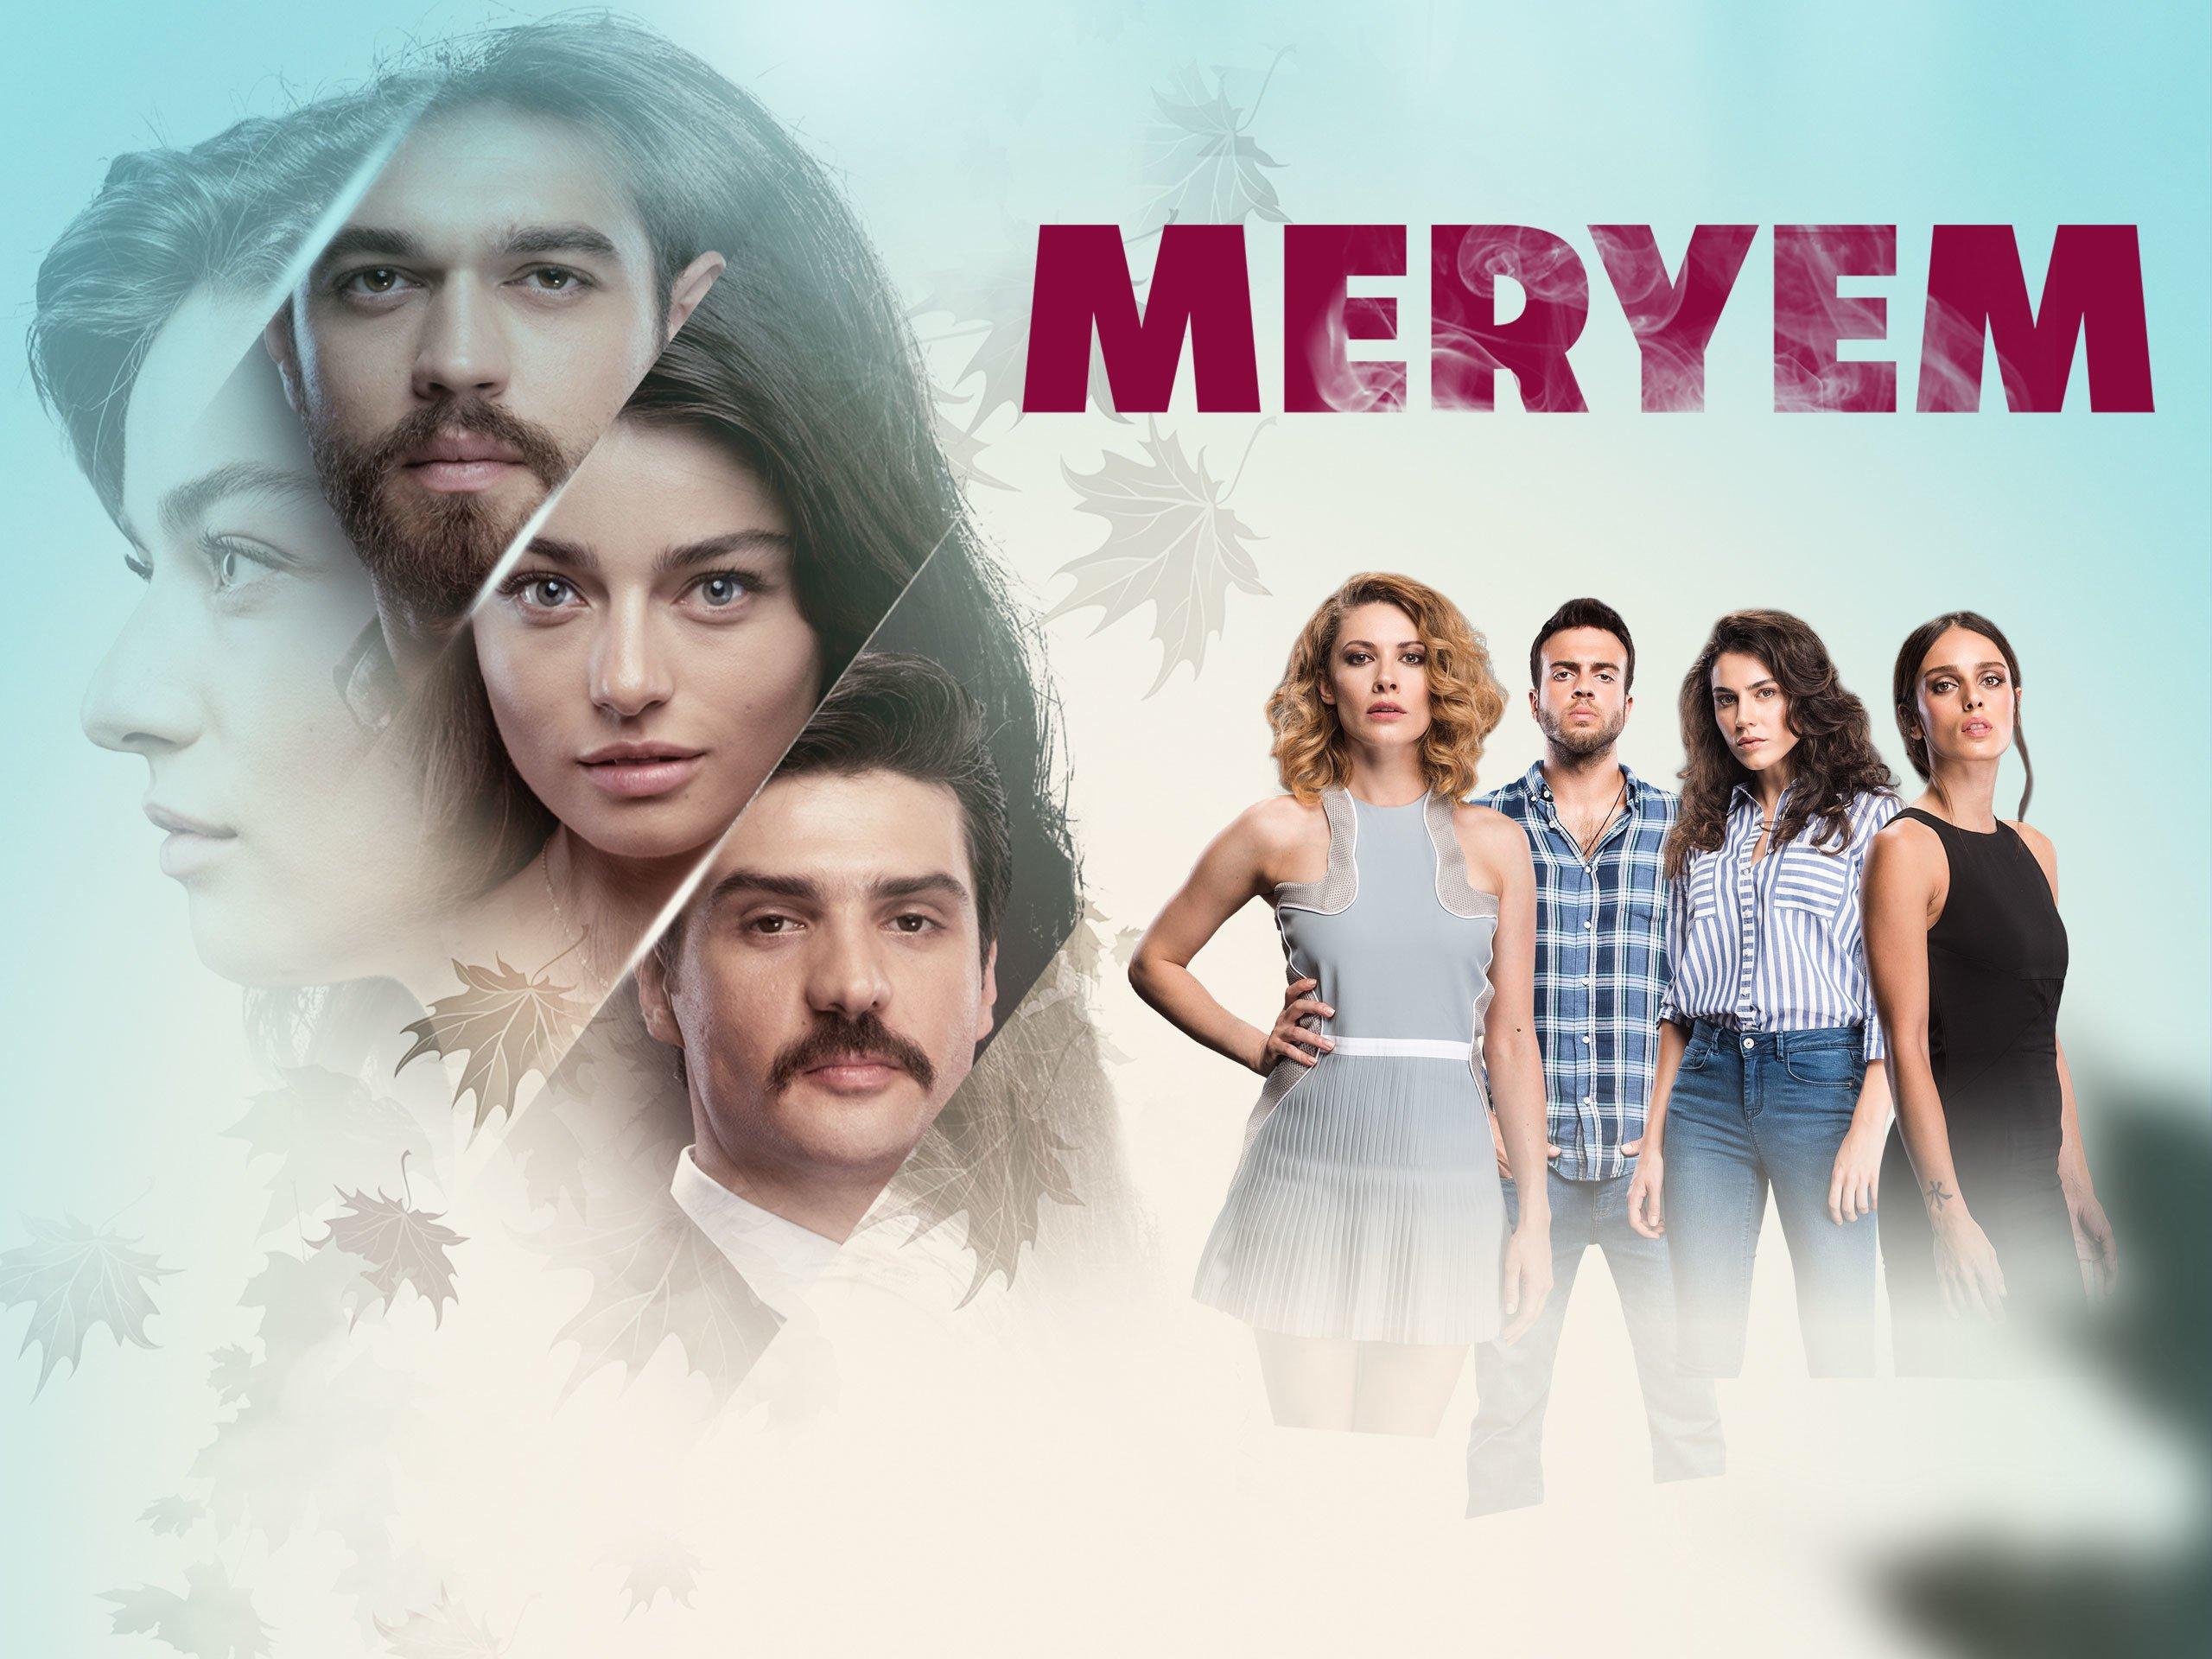 Amazon com: Watch Meryem | Prime Video